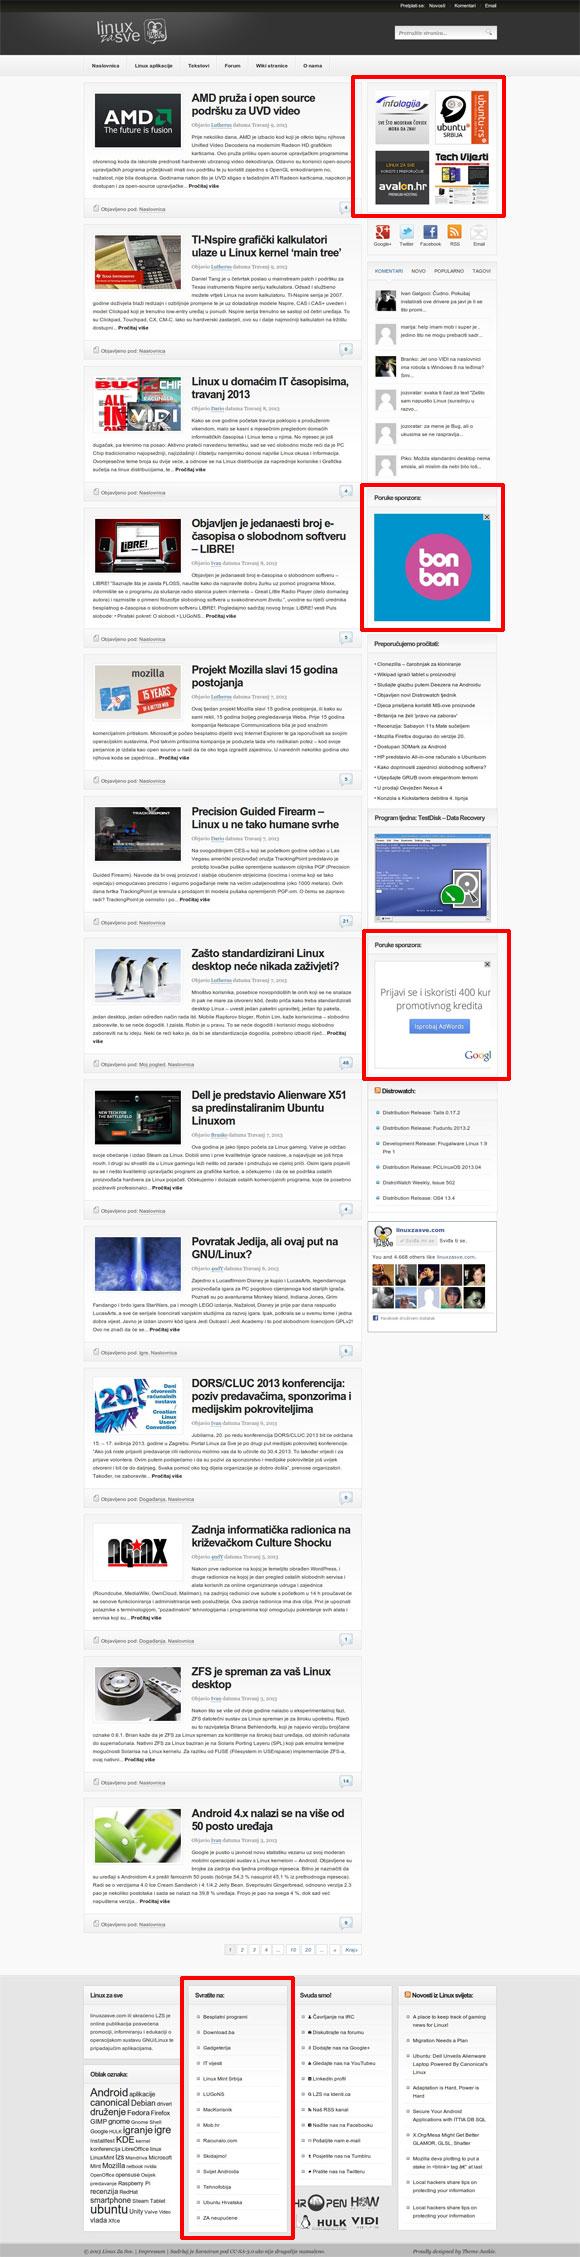 Linux za Sve pregled web stranice